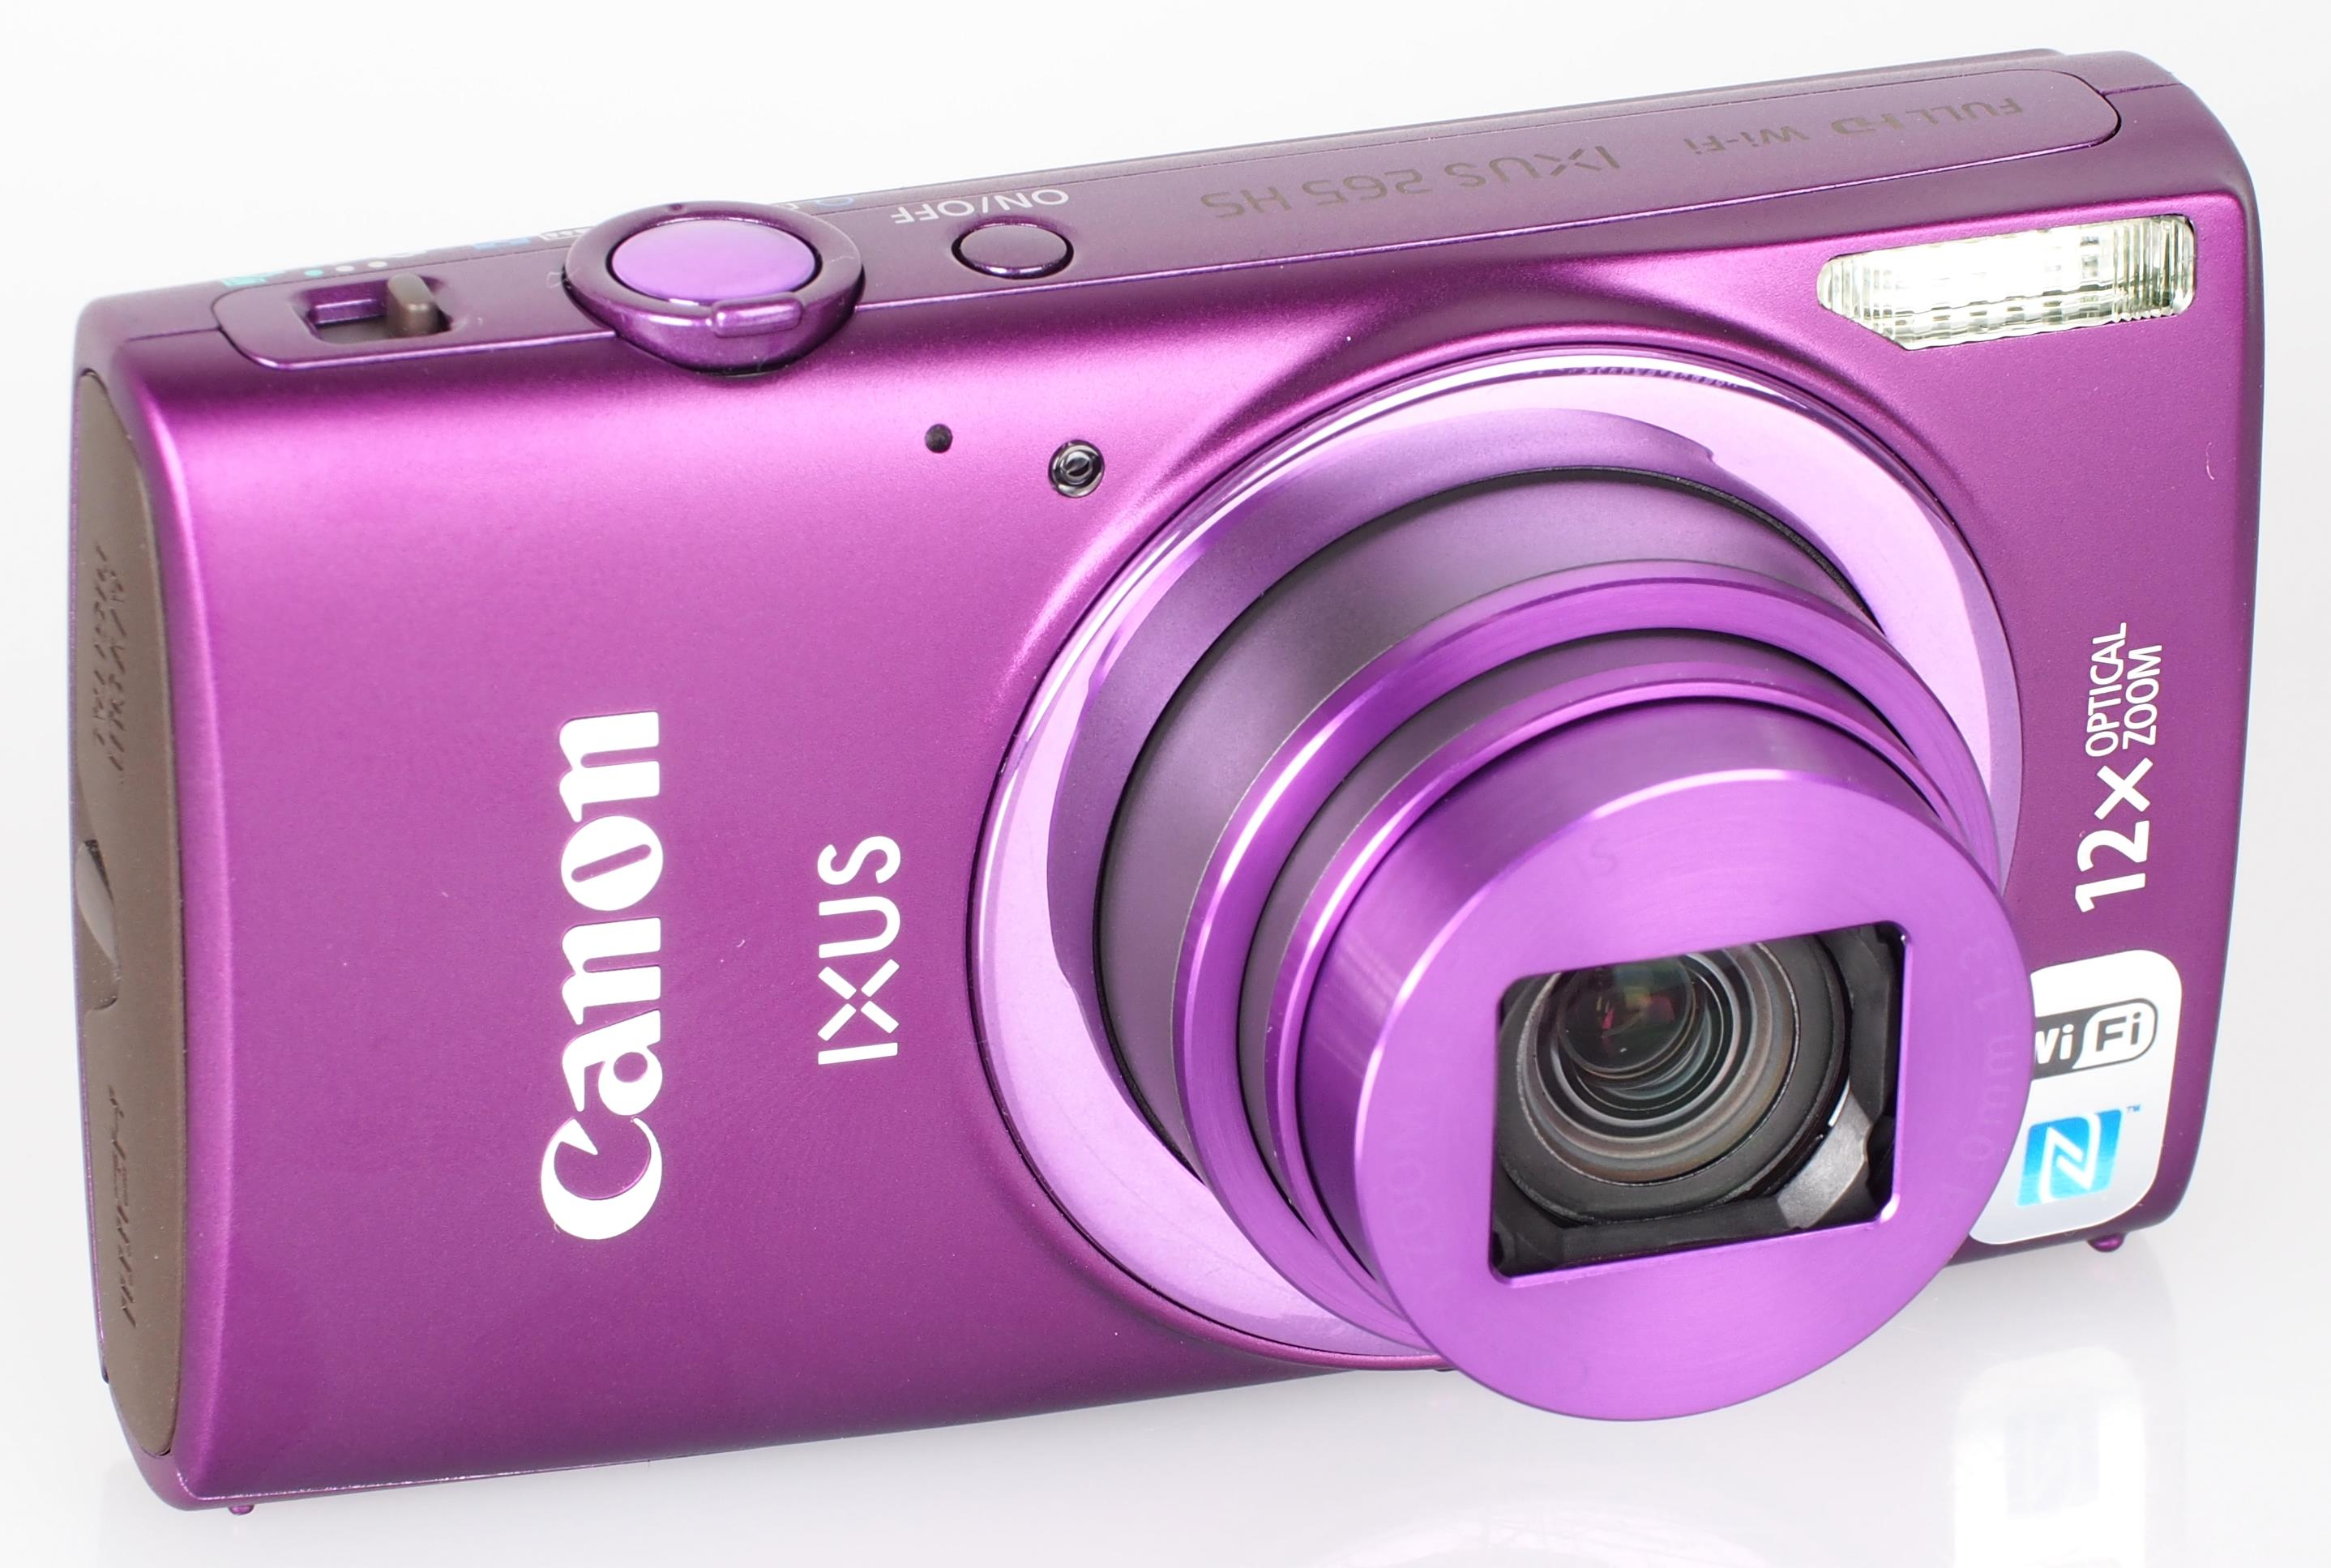 canon ixus 265 hs user manual